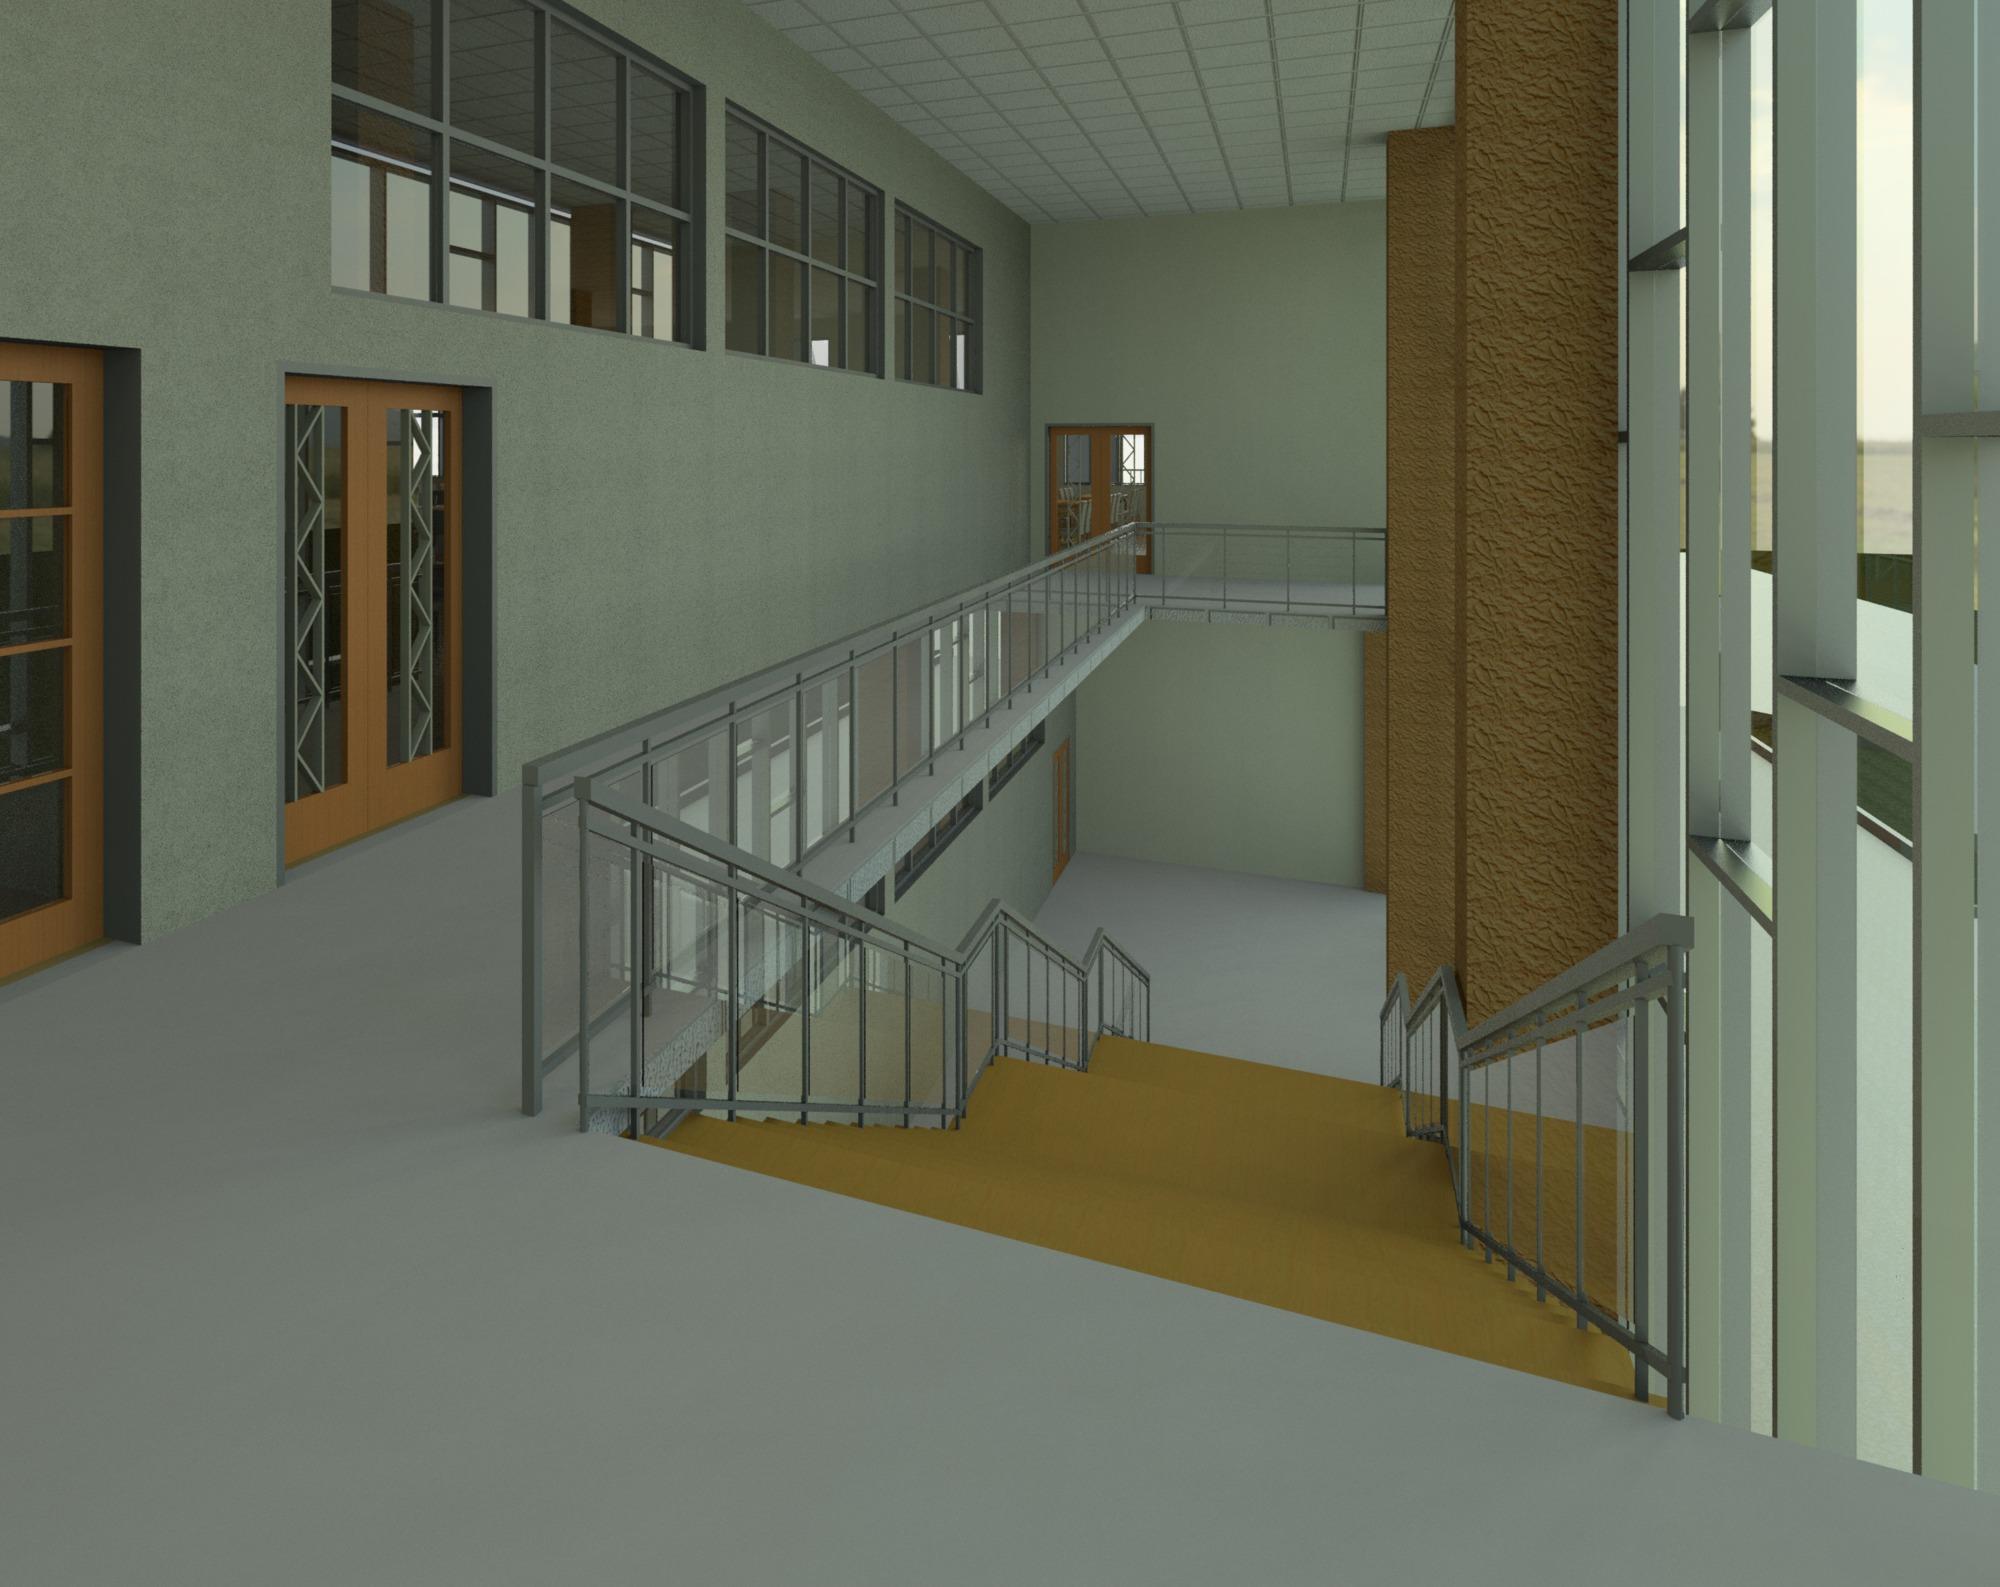 Raas-rendering20150611-7875-17pfp3c